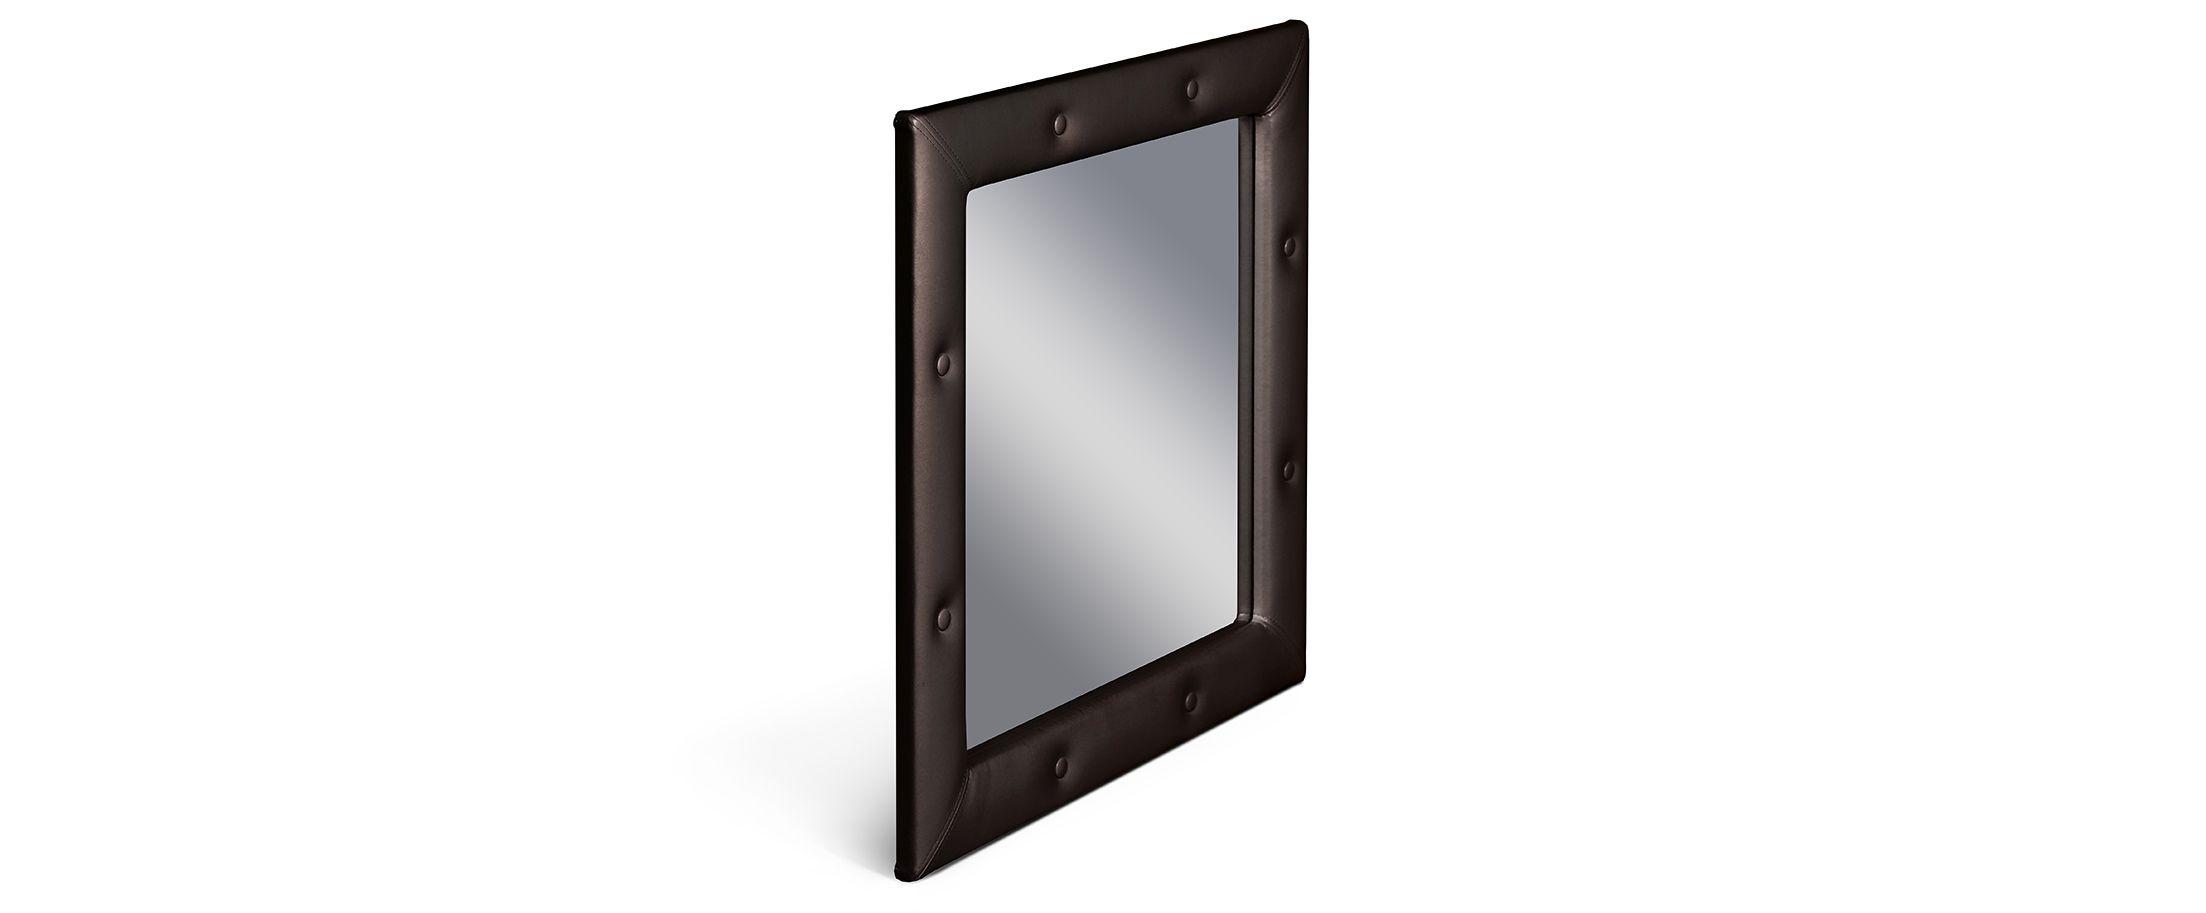 Зеркало Кааба пралинеЗеркало навесное в спальню. Обивка из экокожи с декоративными пуговицами. Артикул: К000545<br><br>Ширина см: 86<br>Глубина см: 4<br>Высота см: 86<br>Цвет: Черный